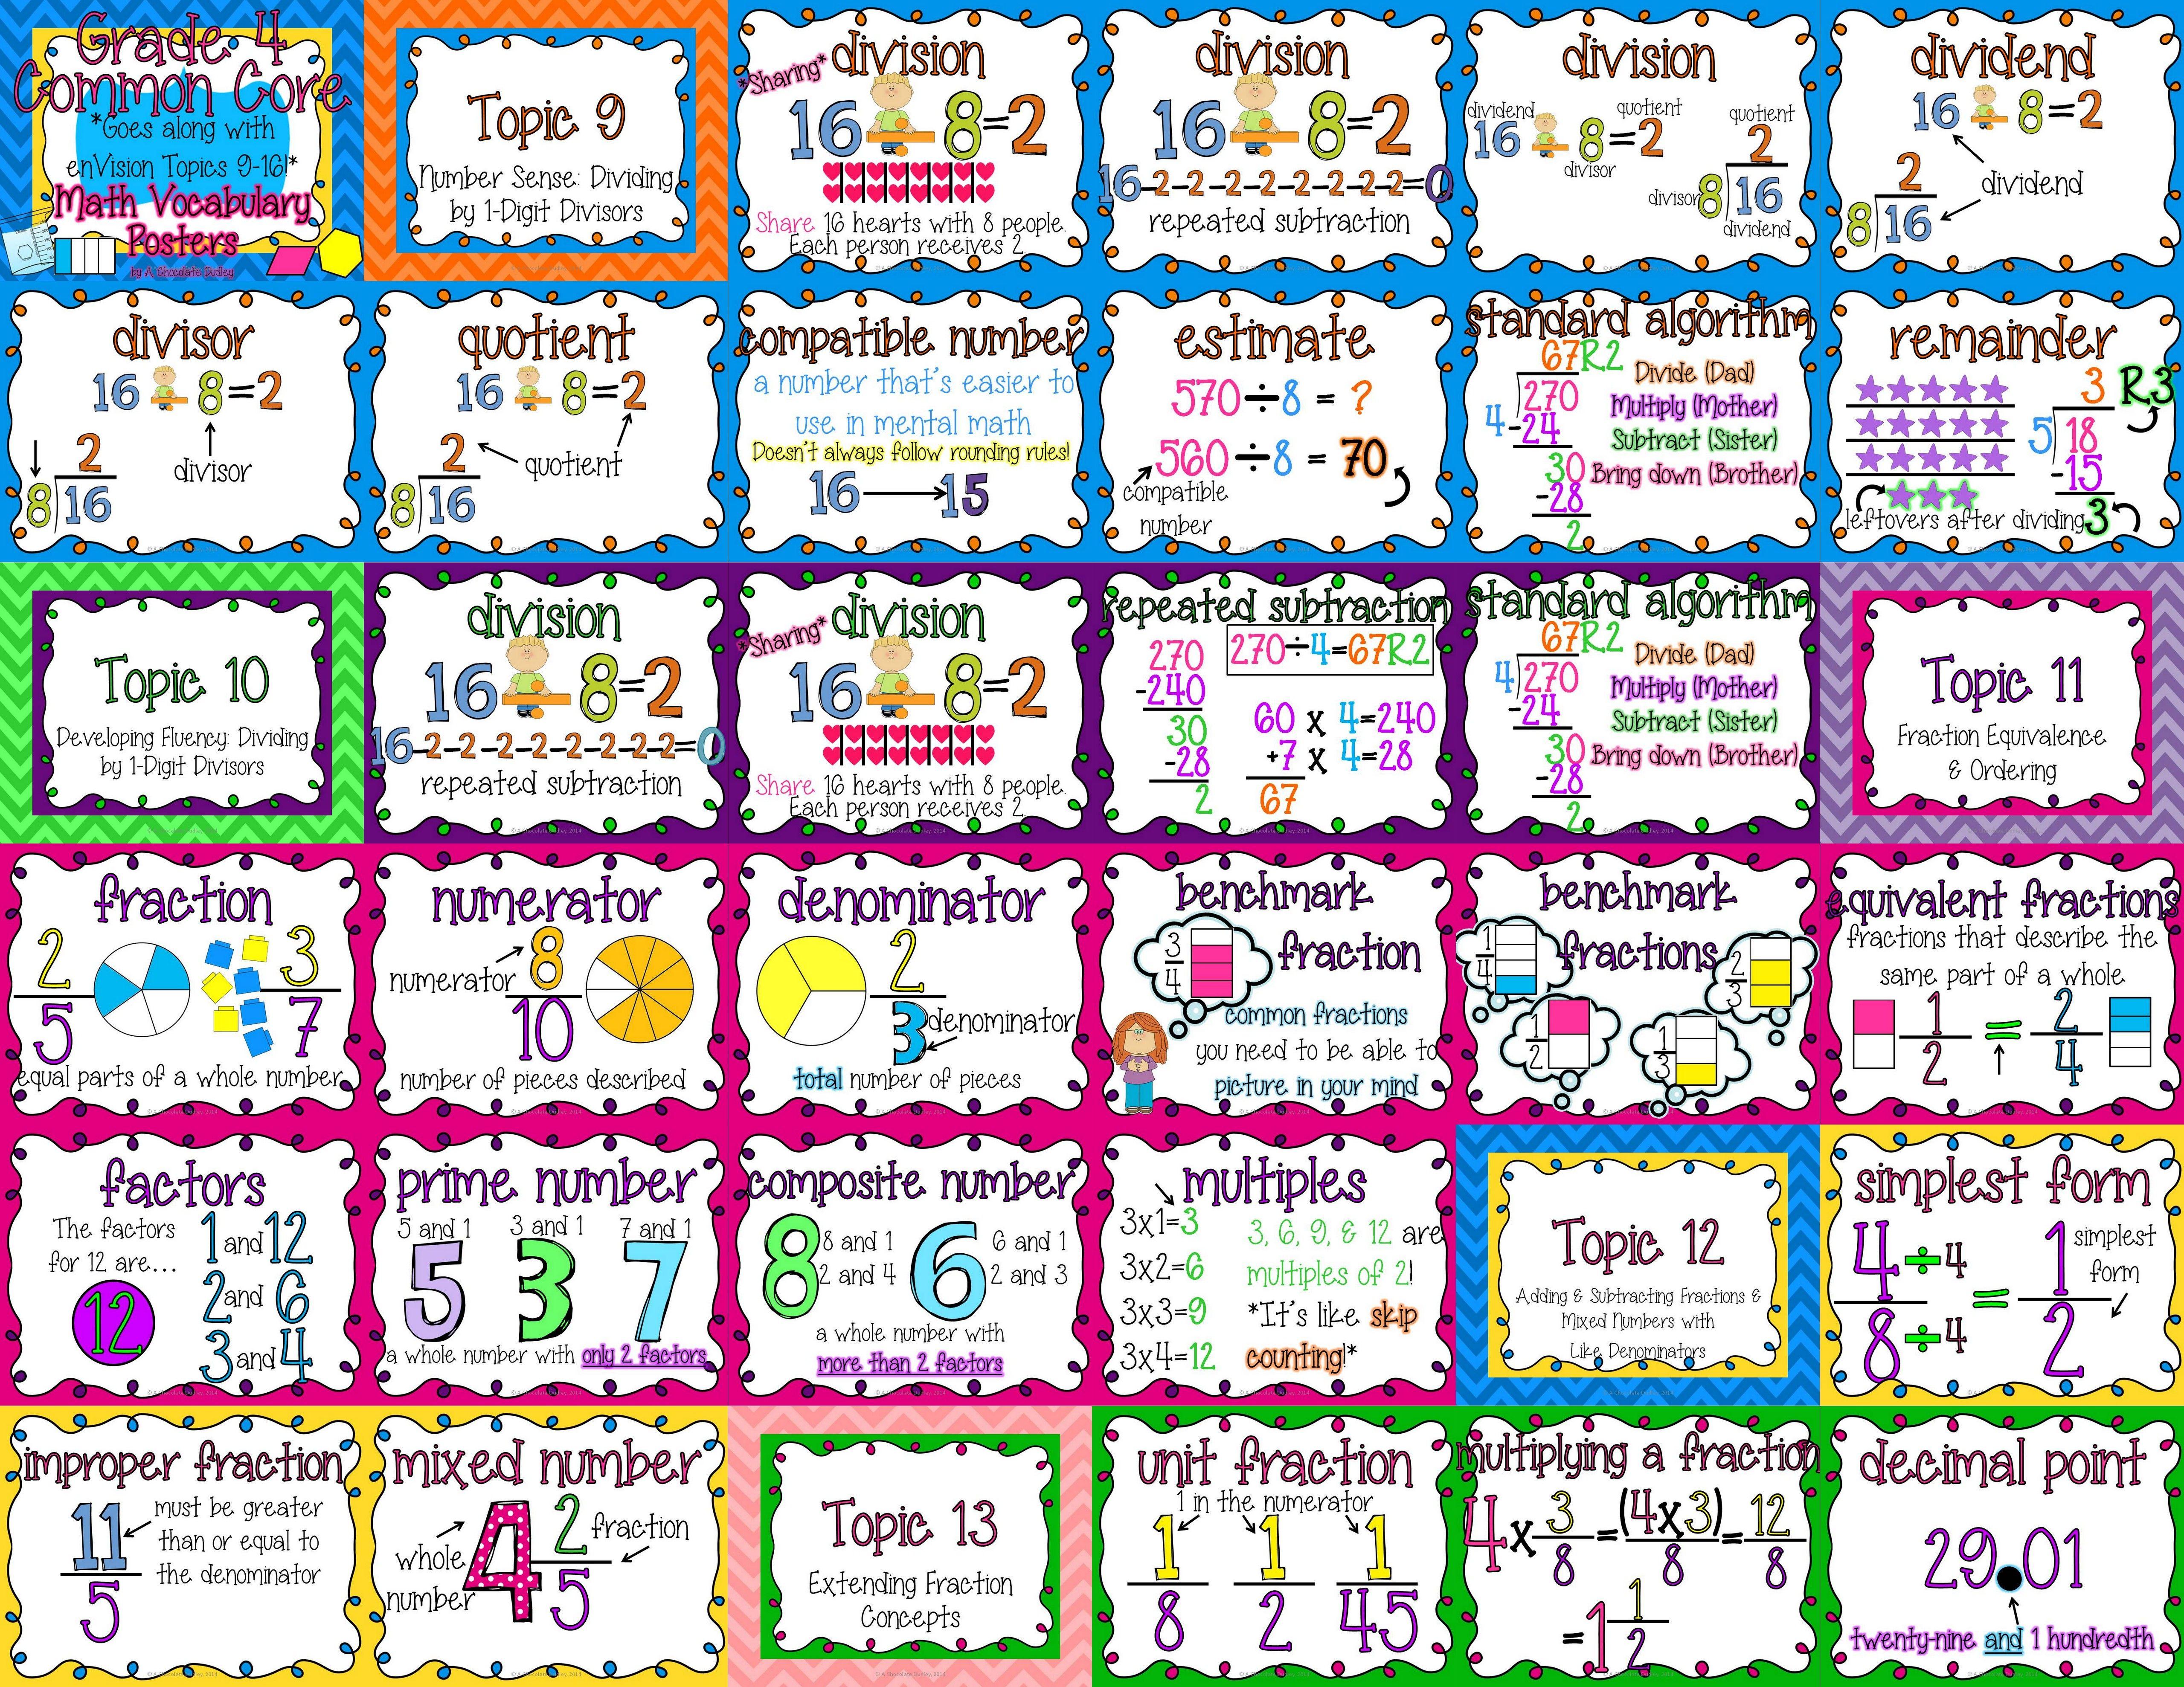 Grade 4 Common Core Math Vocabulary Posters Topics 9